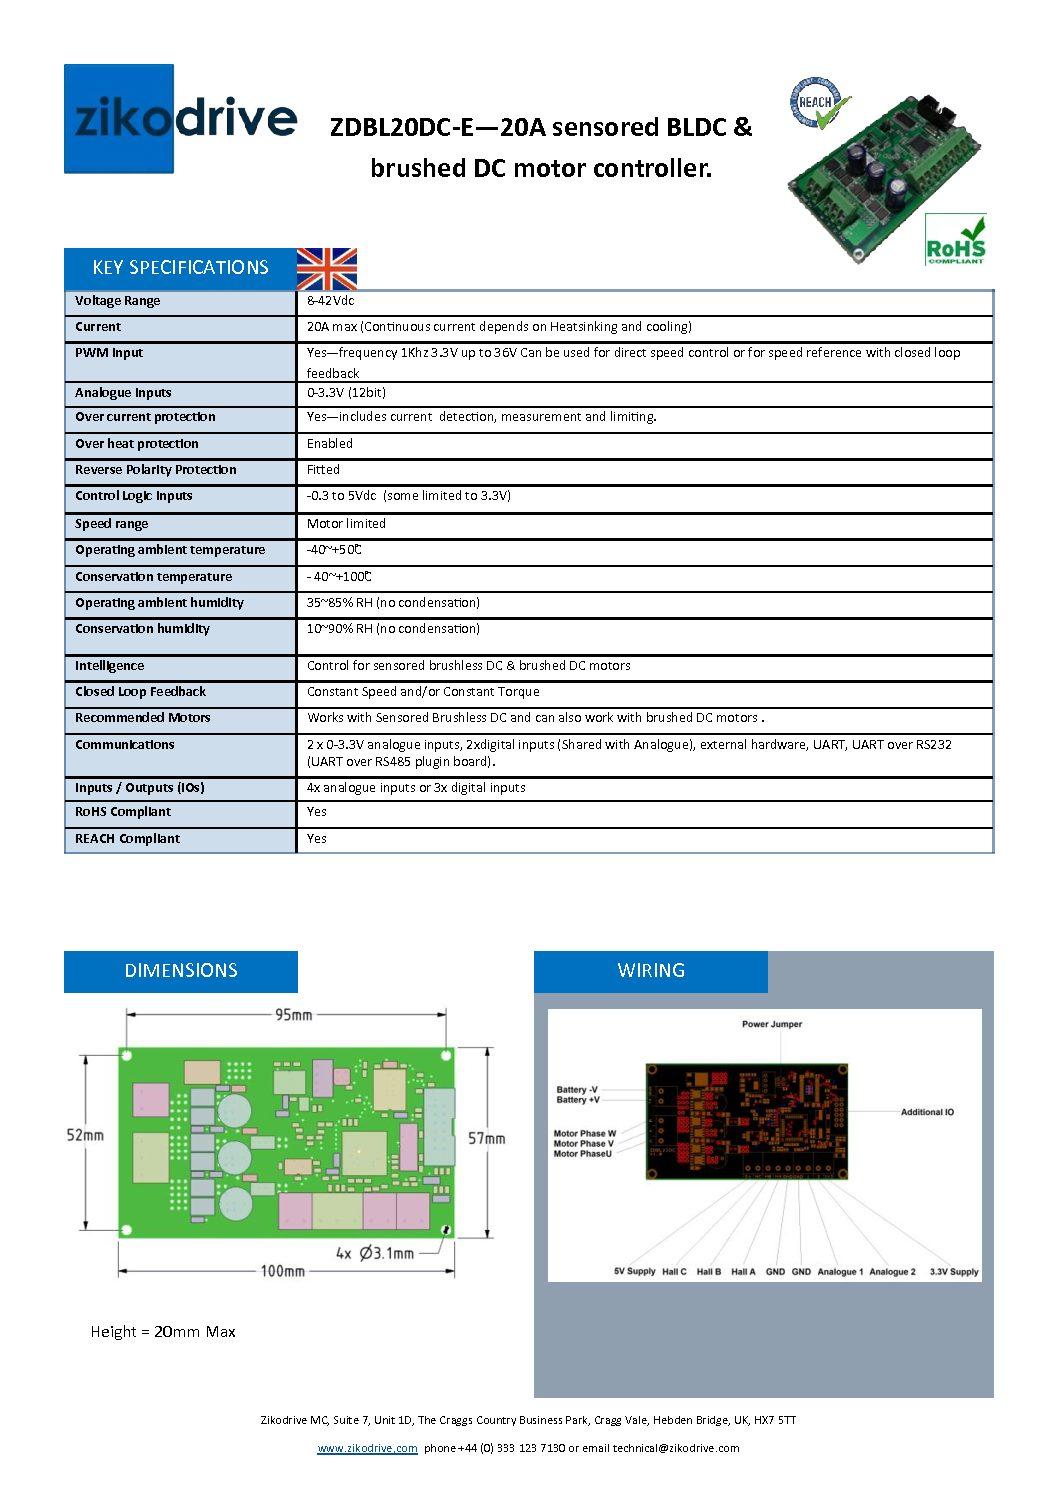 ... ZDBL20DC-e-Sensored-Brushless-DC-Motor-Controller-Datasheet-EN-DE-FR-ES-IT-pdf.jpg ...